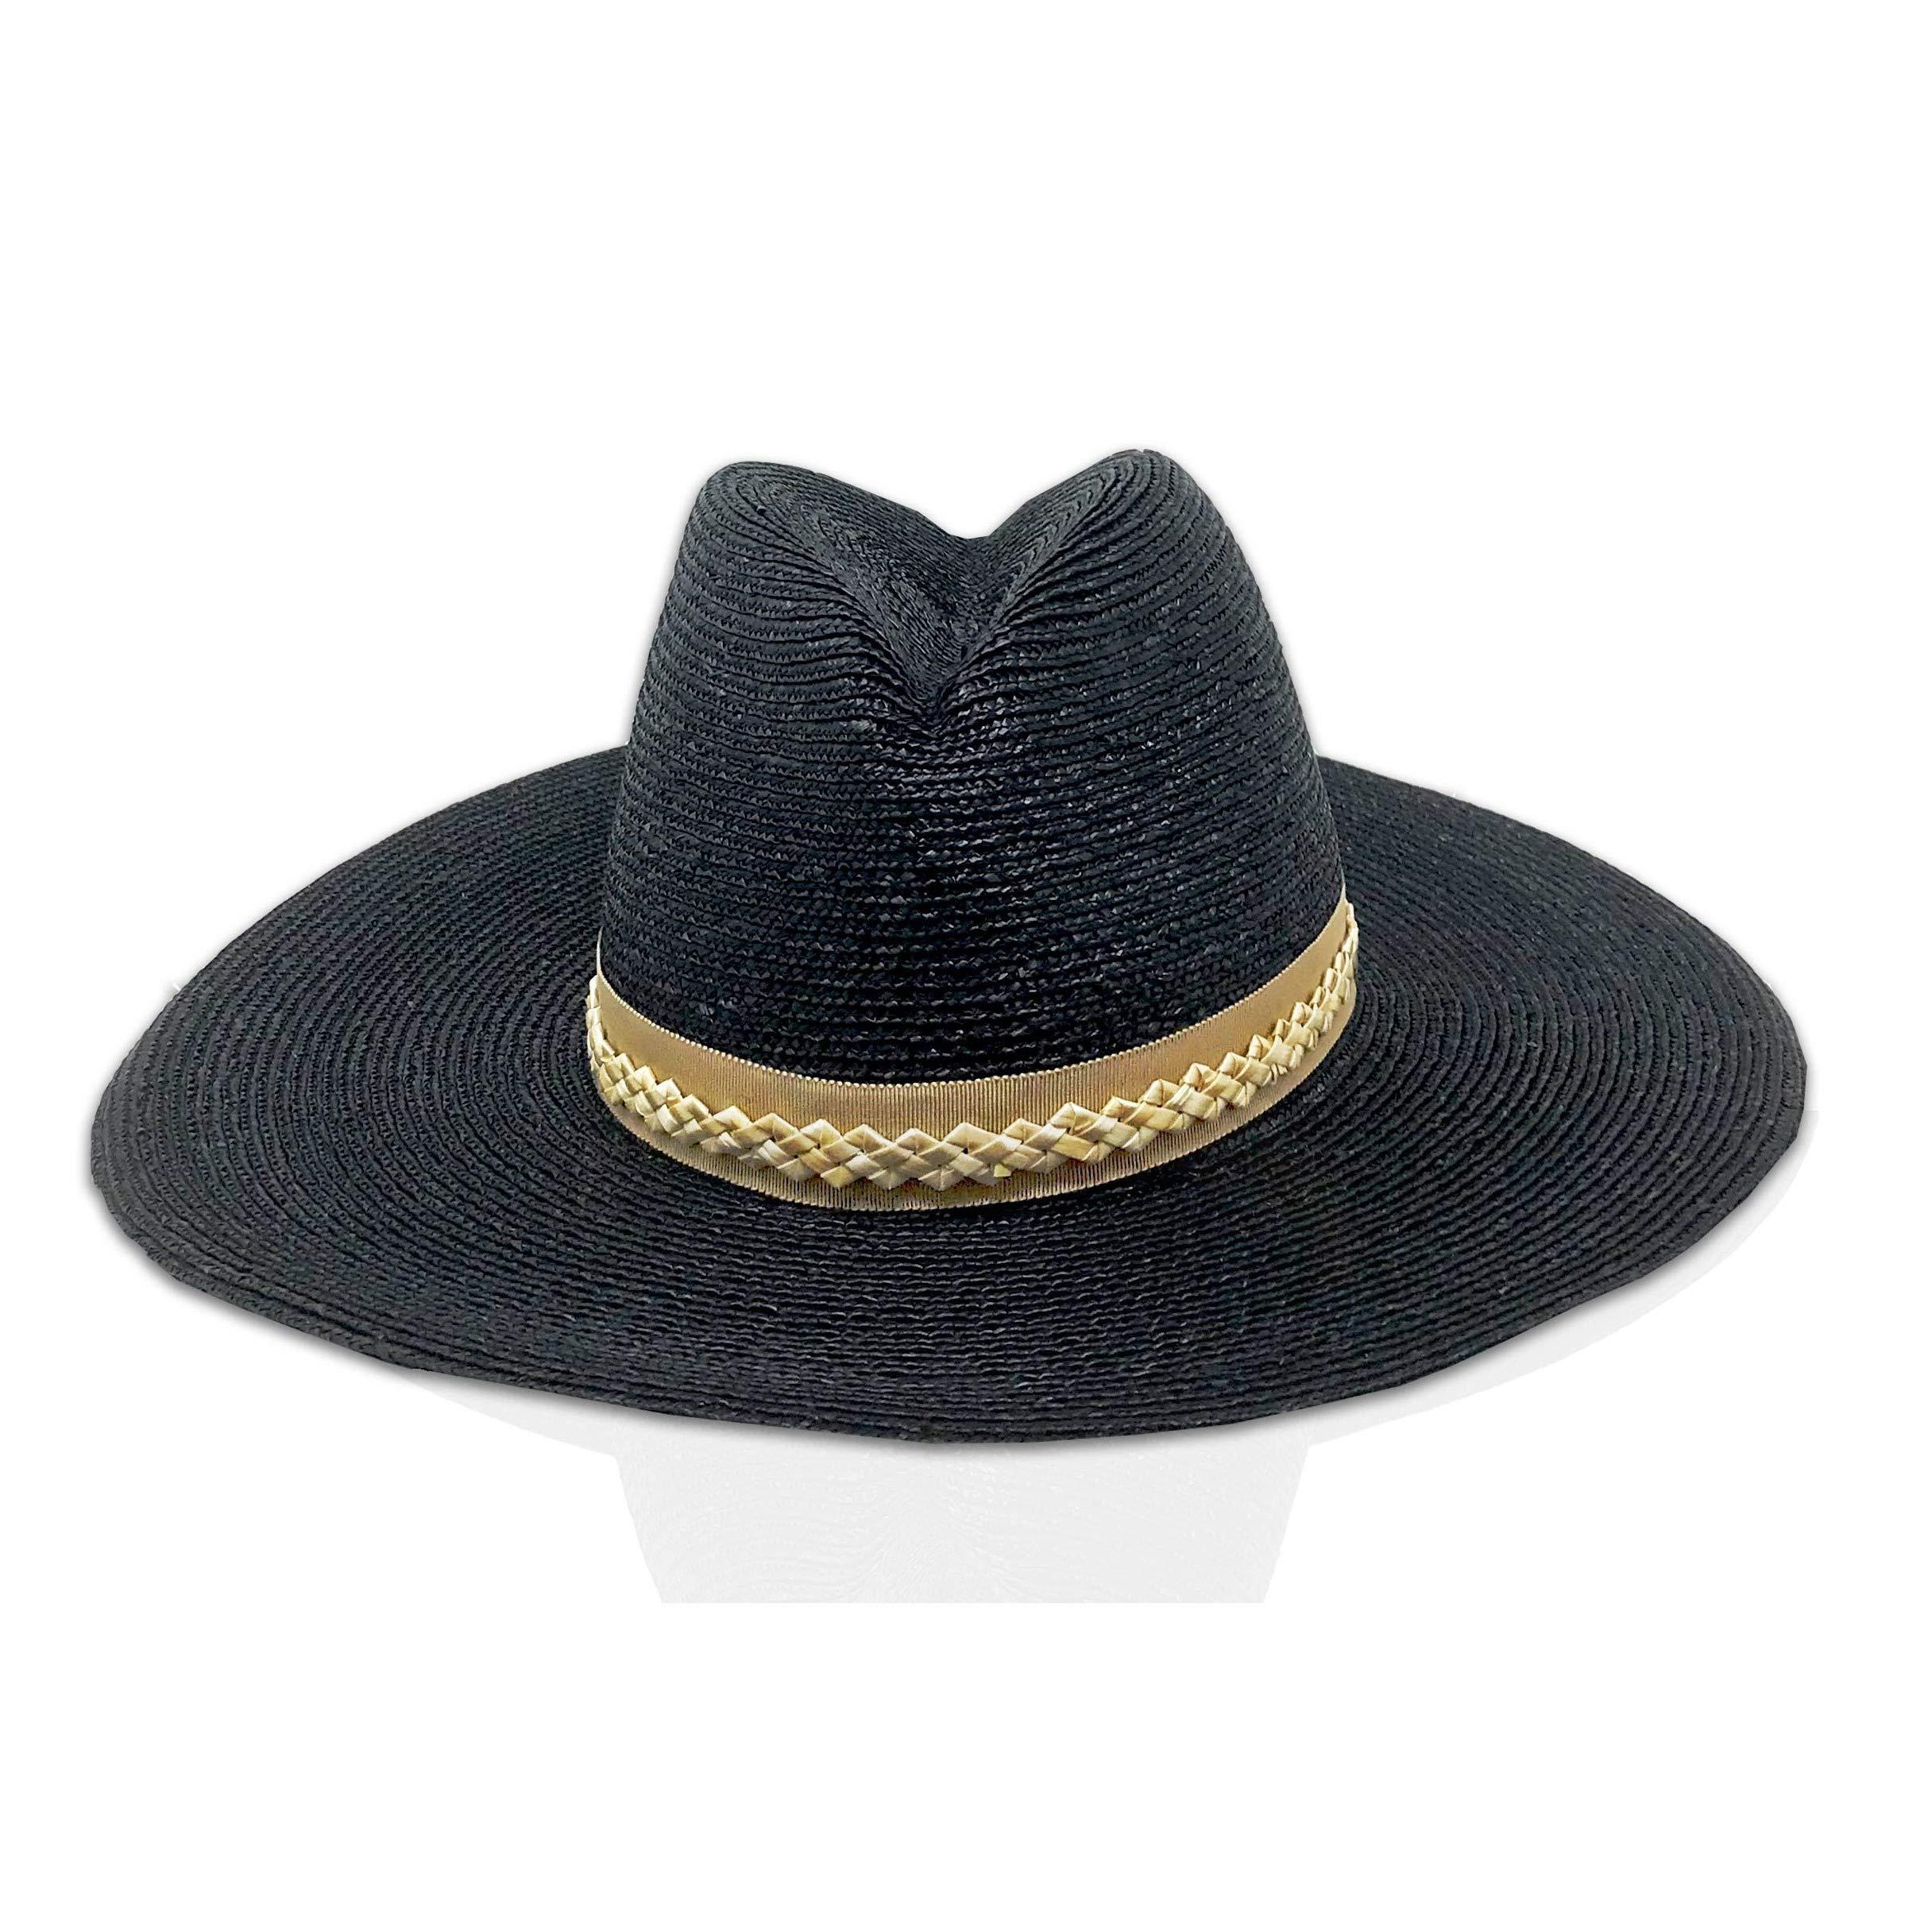 GIGI BURRIS Millinery Jeanne Straw Hat